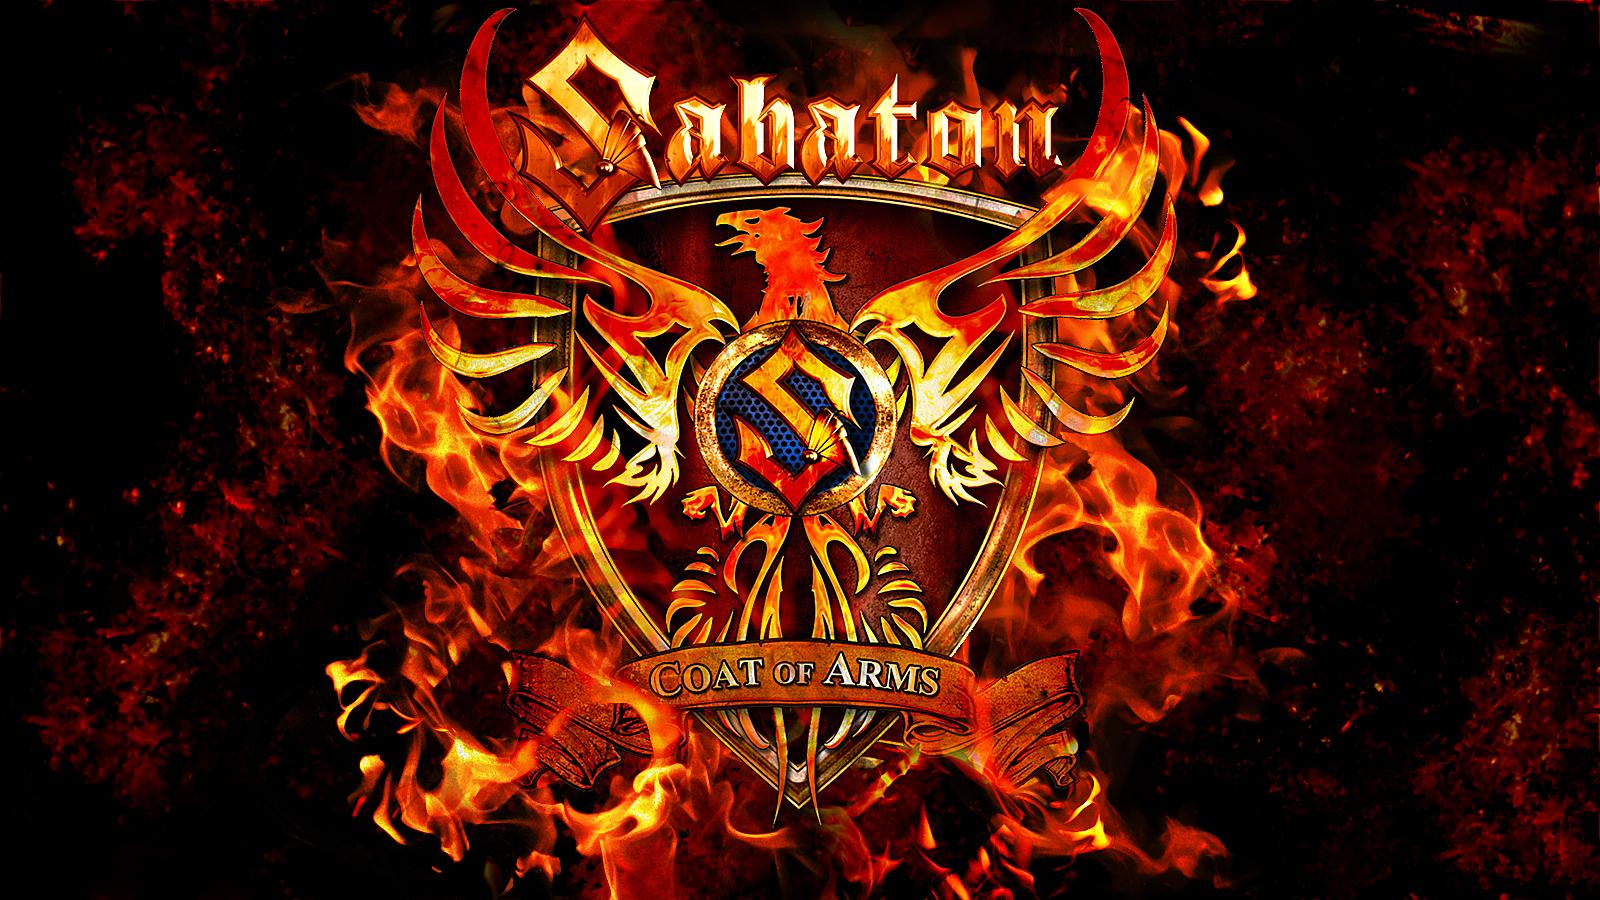 Popular Wallpaper Music Fire - Sabaton_metal_metal_music_music_fire_artwork-261929  2018_3039.jpg!d